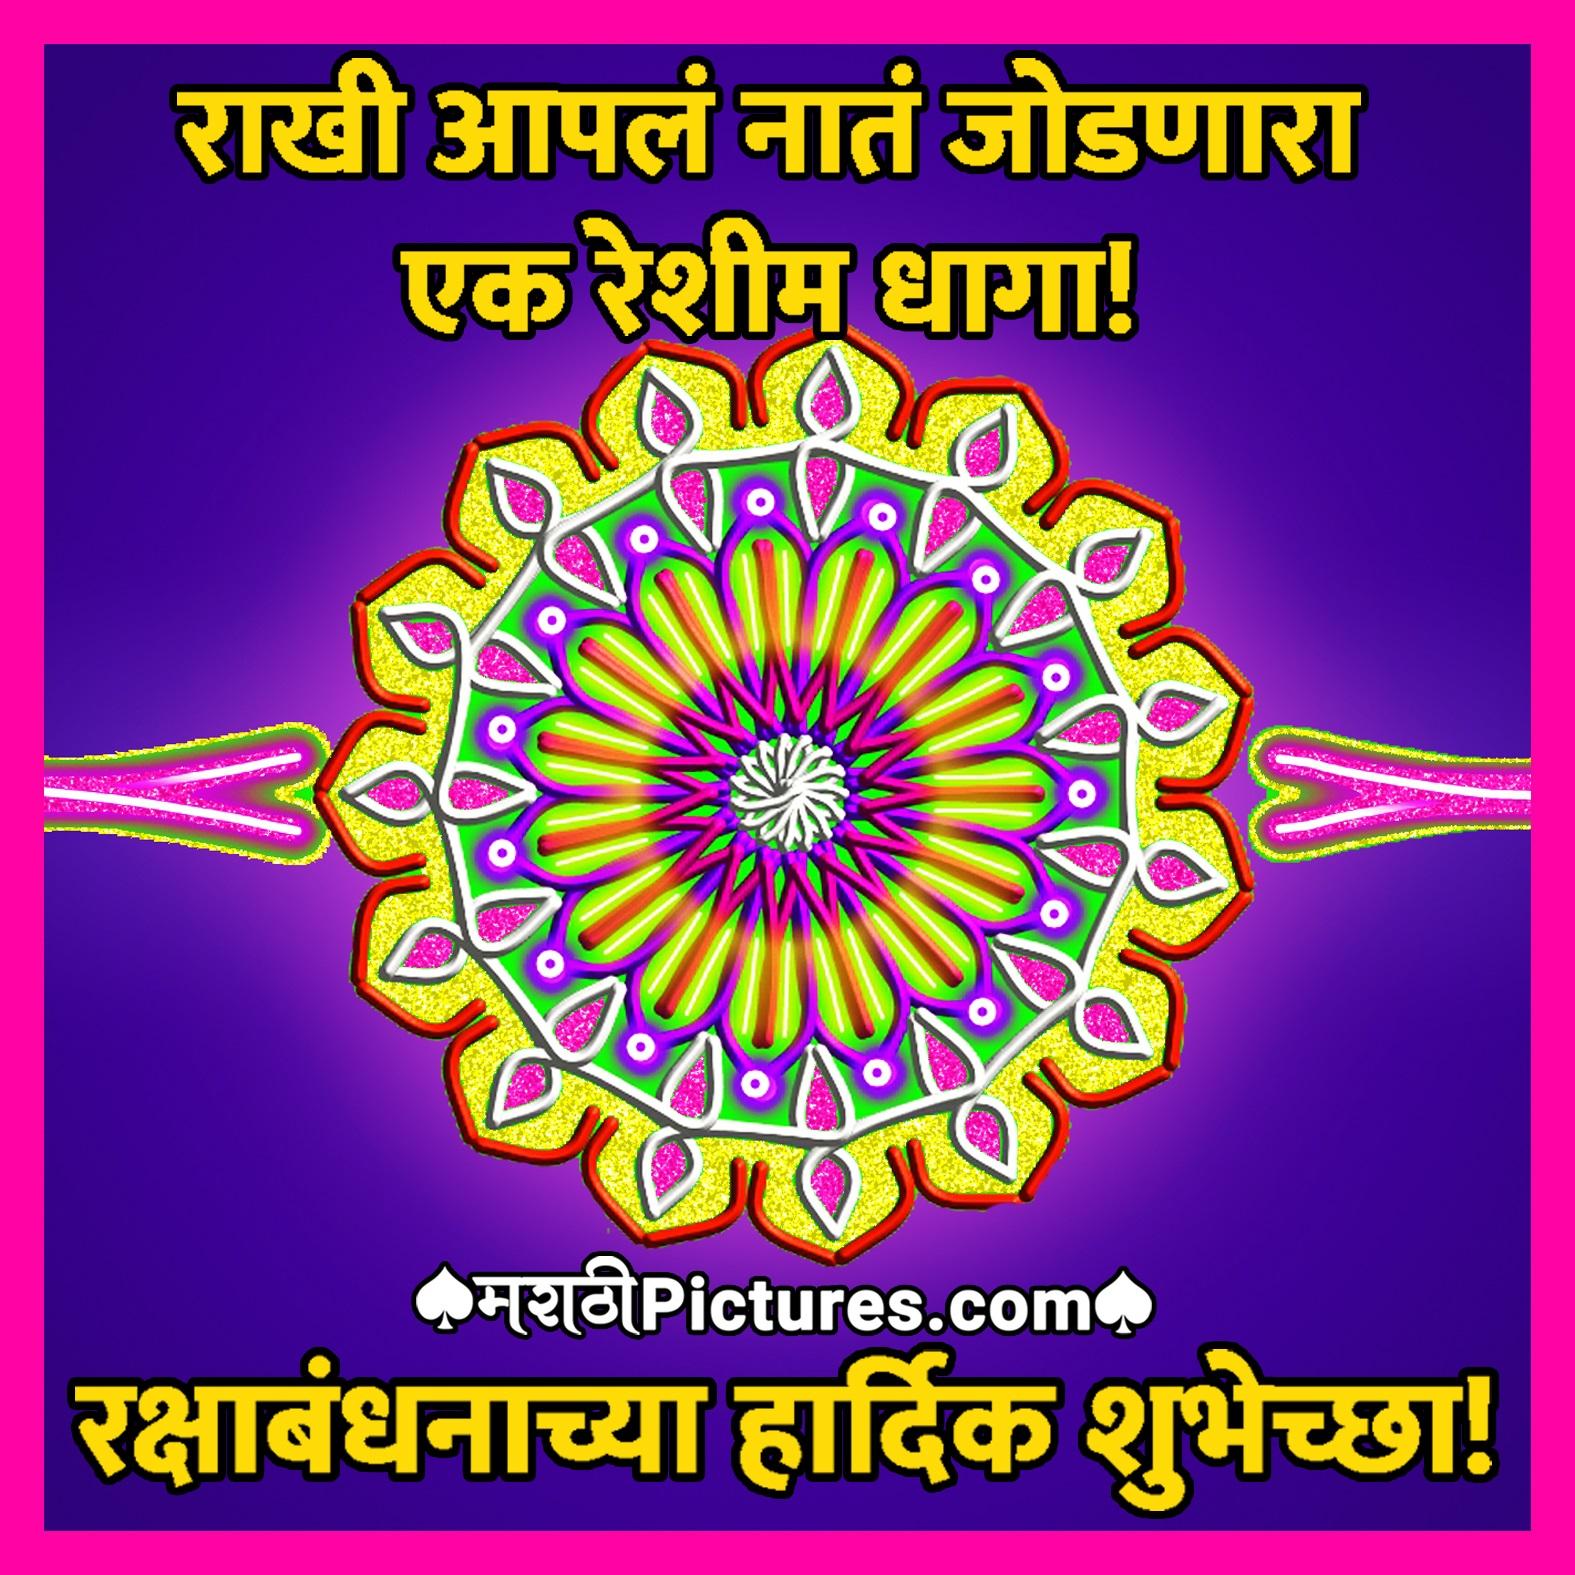 Raksha Bandhan Chya Hardik Shubhechha - Marathi Pictures ... Vadhdivas Chya Hardik Shubhechha